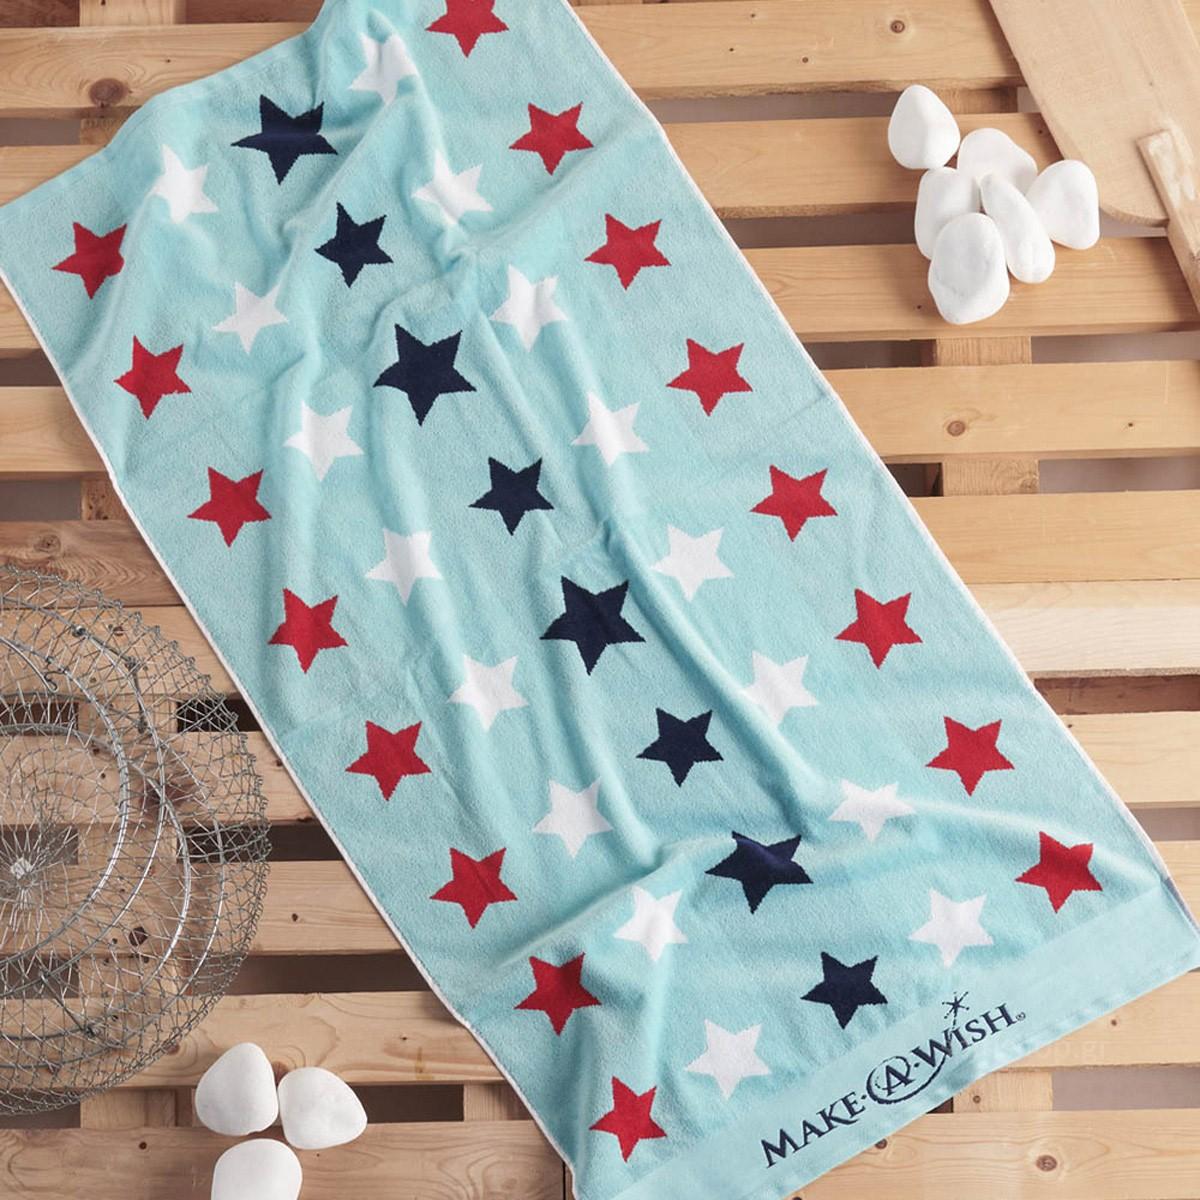 Παιδική Πετσέτα Θαλάσσης Kentia Make A Wish 0219 home   θαλάσσης   πετσέτες θαλάσσης παιδικές